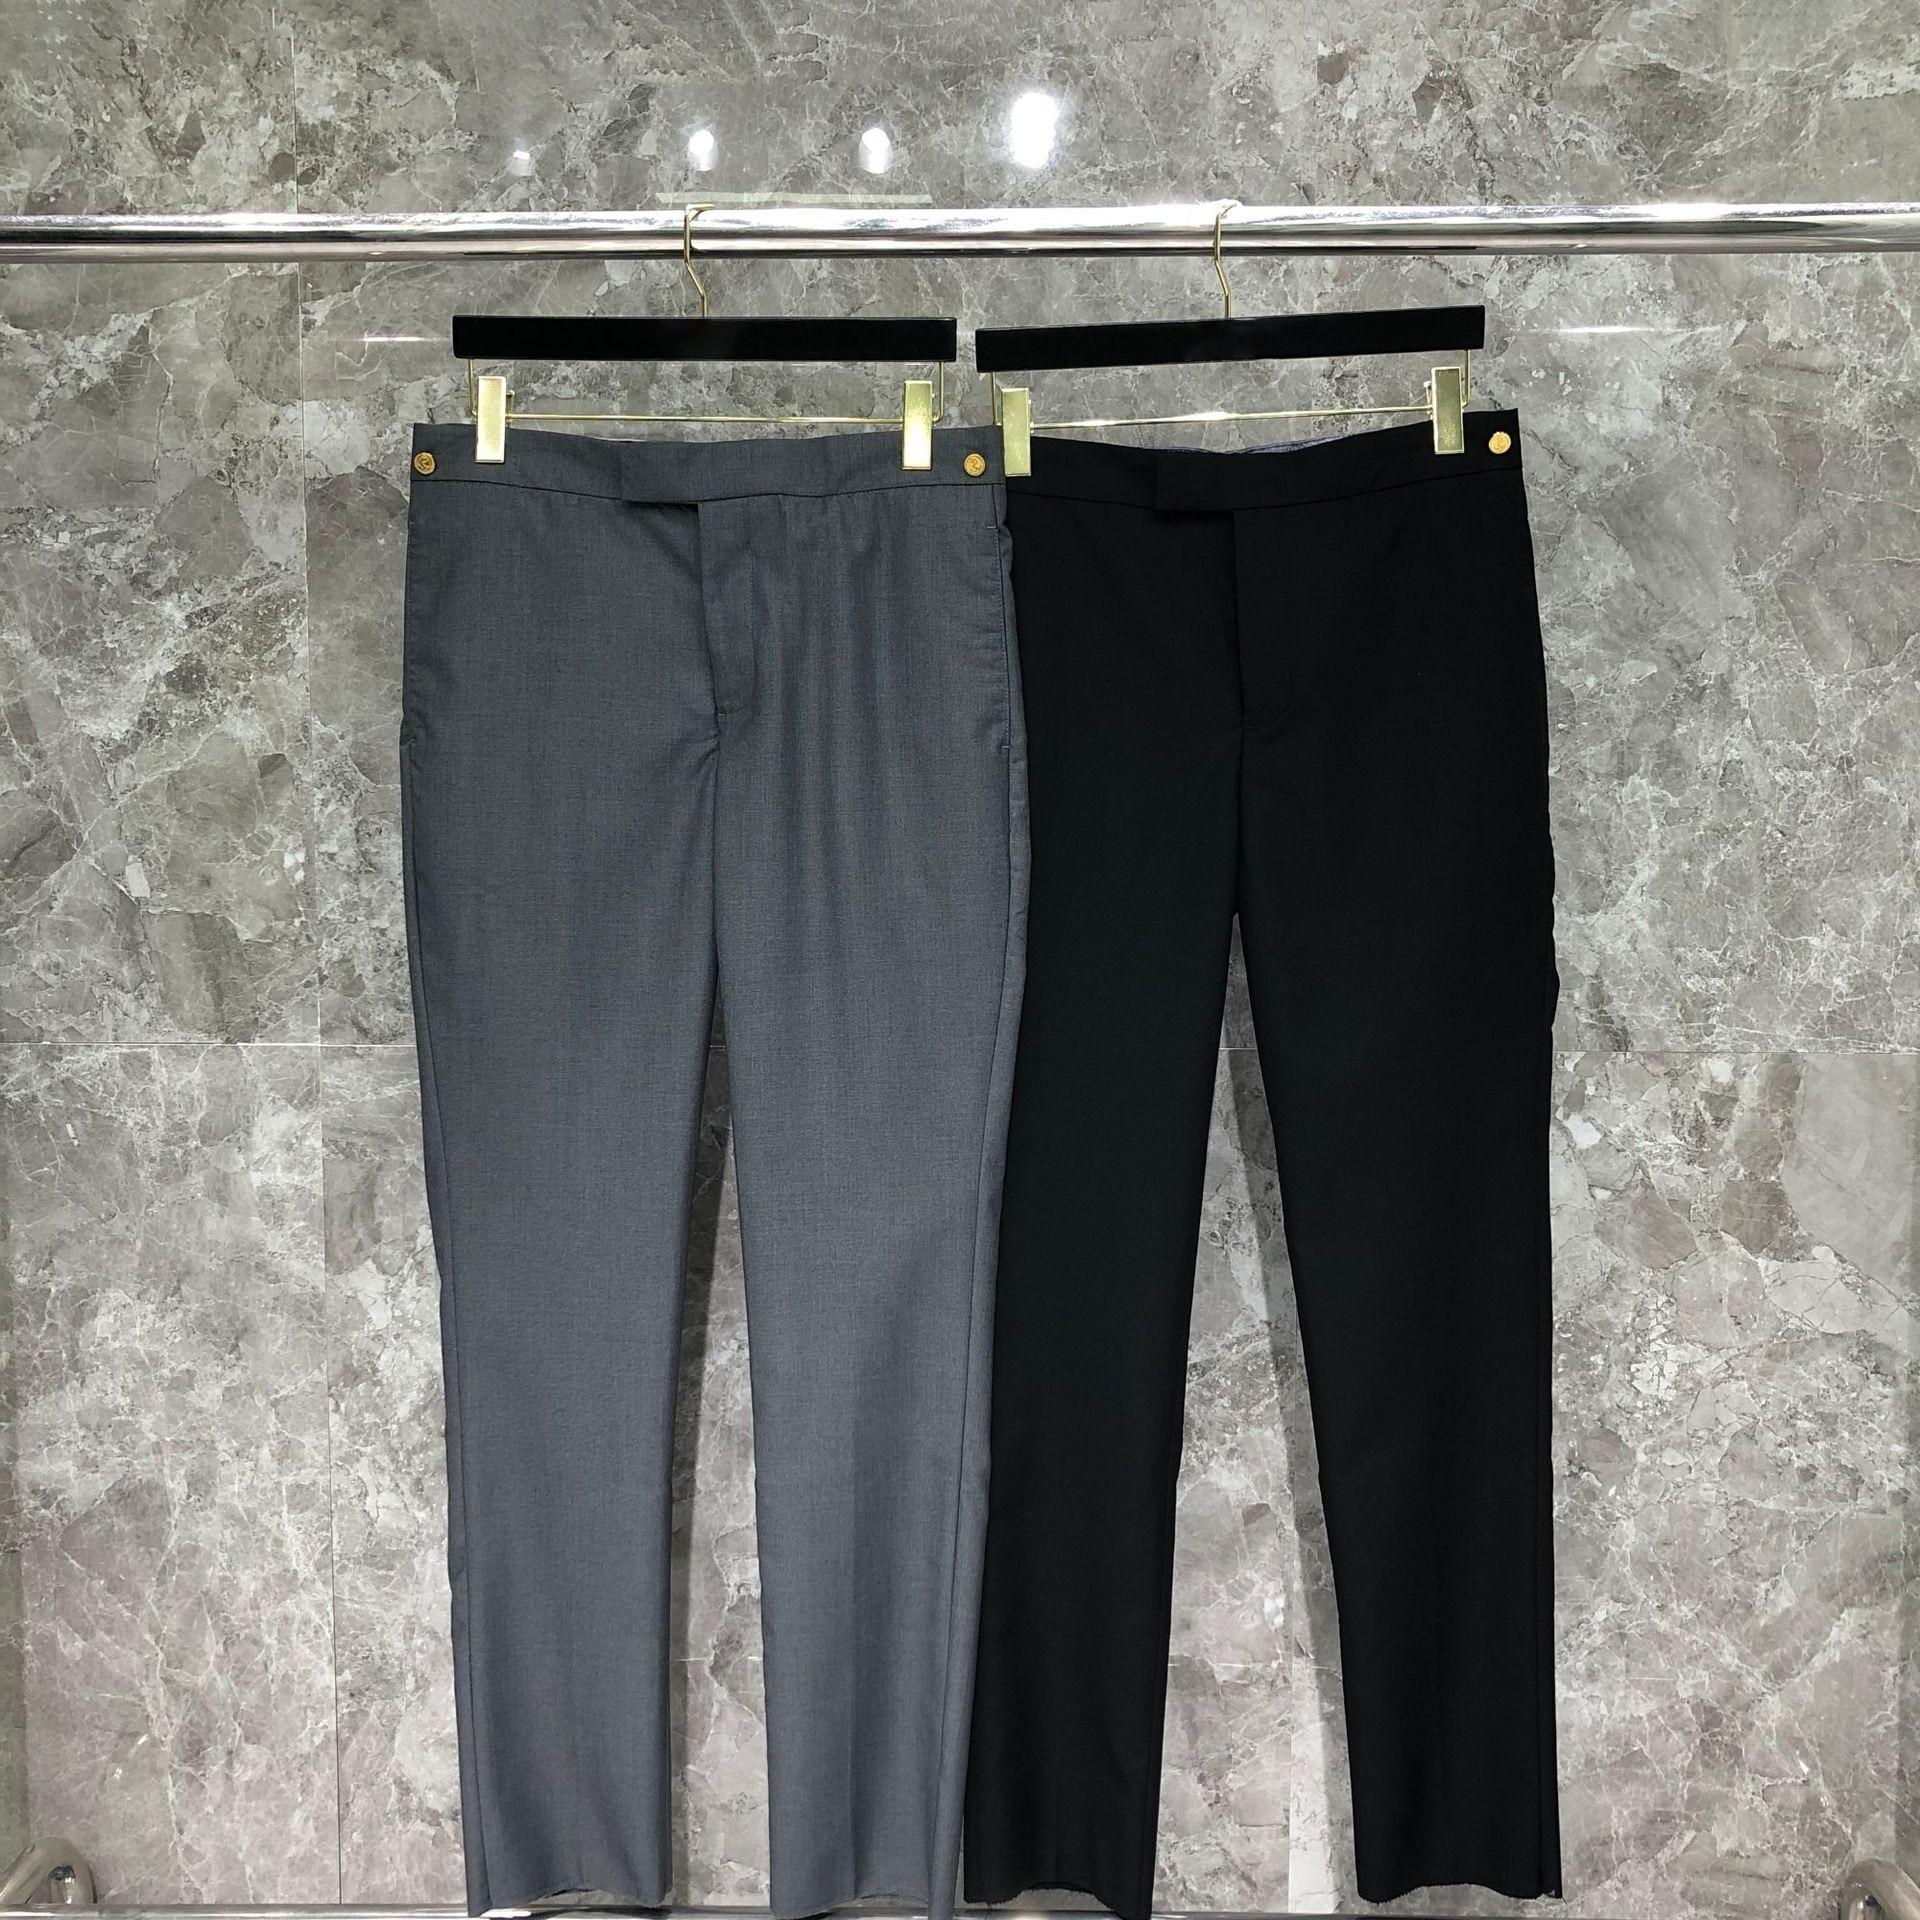 2022 موضة TB THOM ماركة السراويل الرجال الصلبة رداء غير رسمية السراويل الأعمال فستان طويل السراويل الذكية القطن عادية الرجال السراويل الرسمية